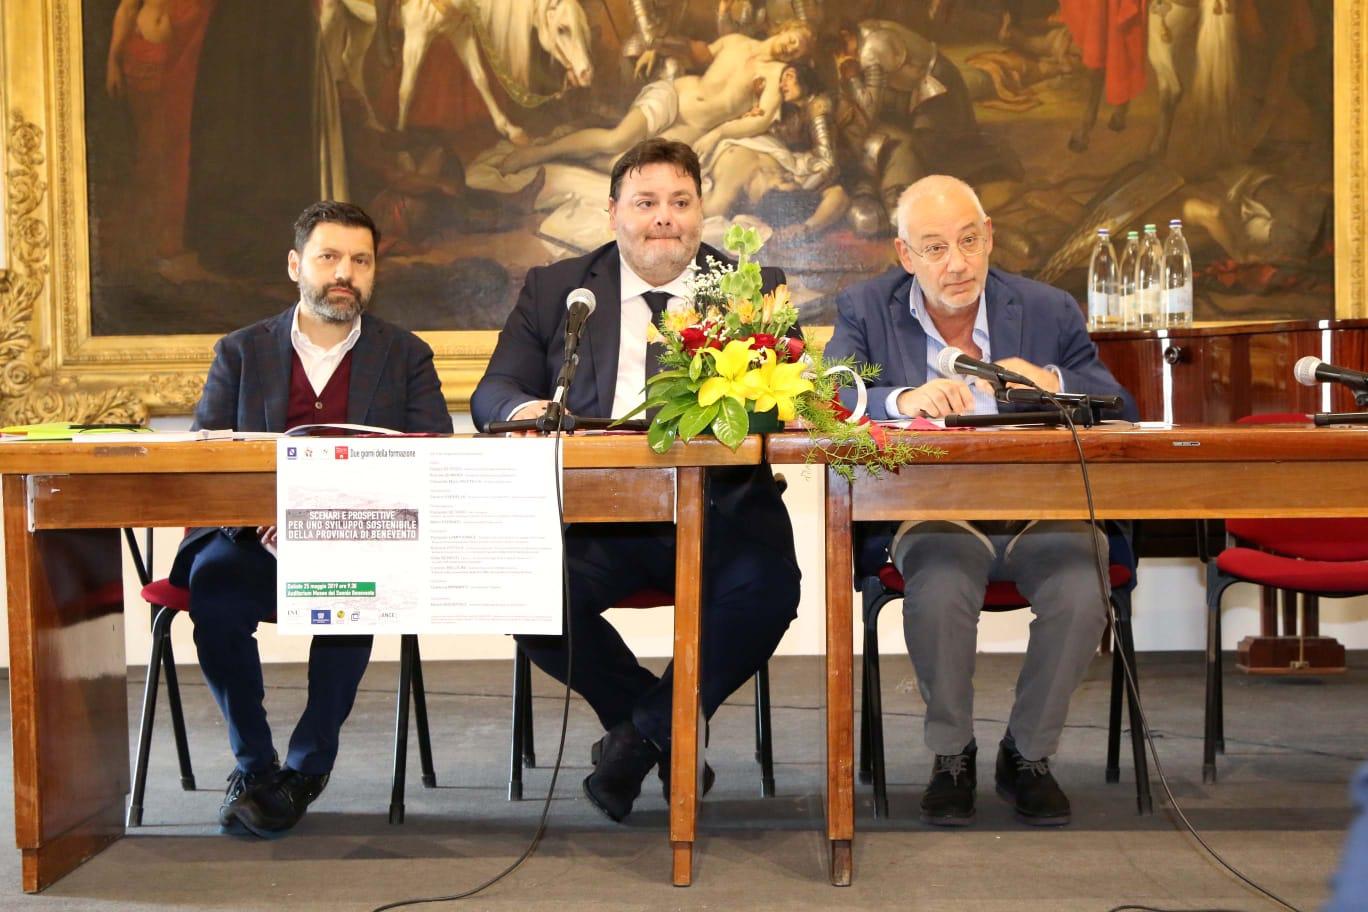 L Ordine Degli Architetti Ricorda L Amico Gianluca Mannato Tv7 Benevento